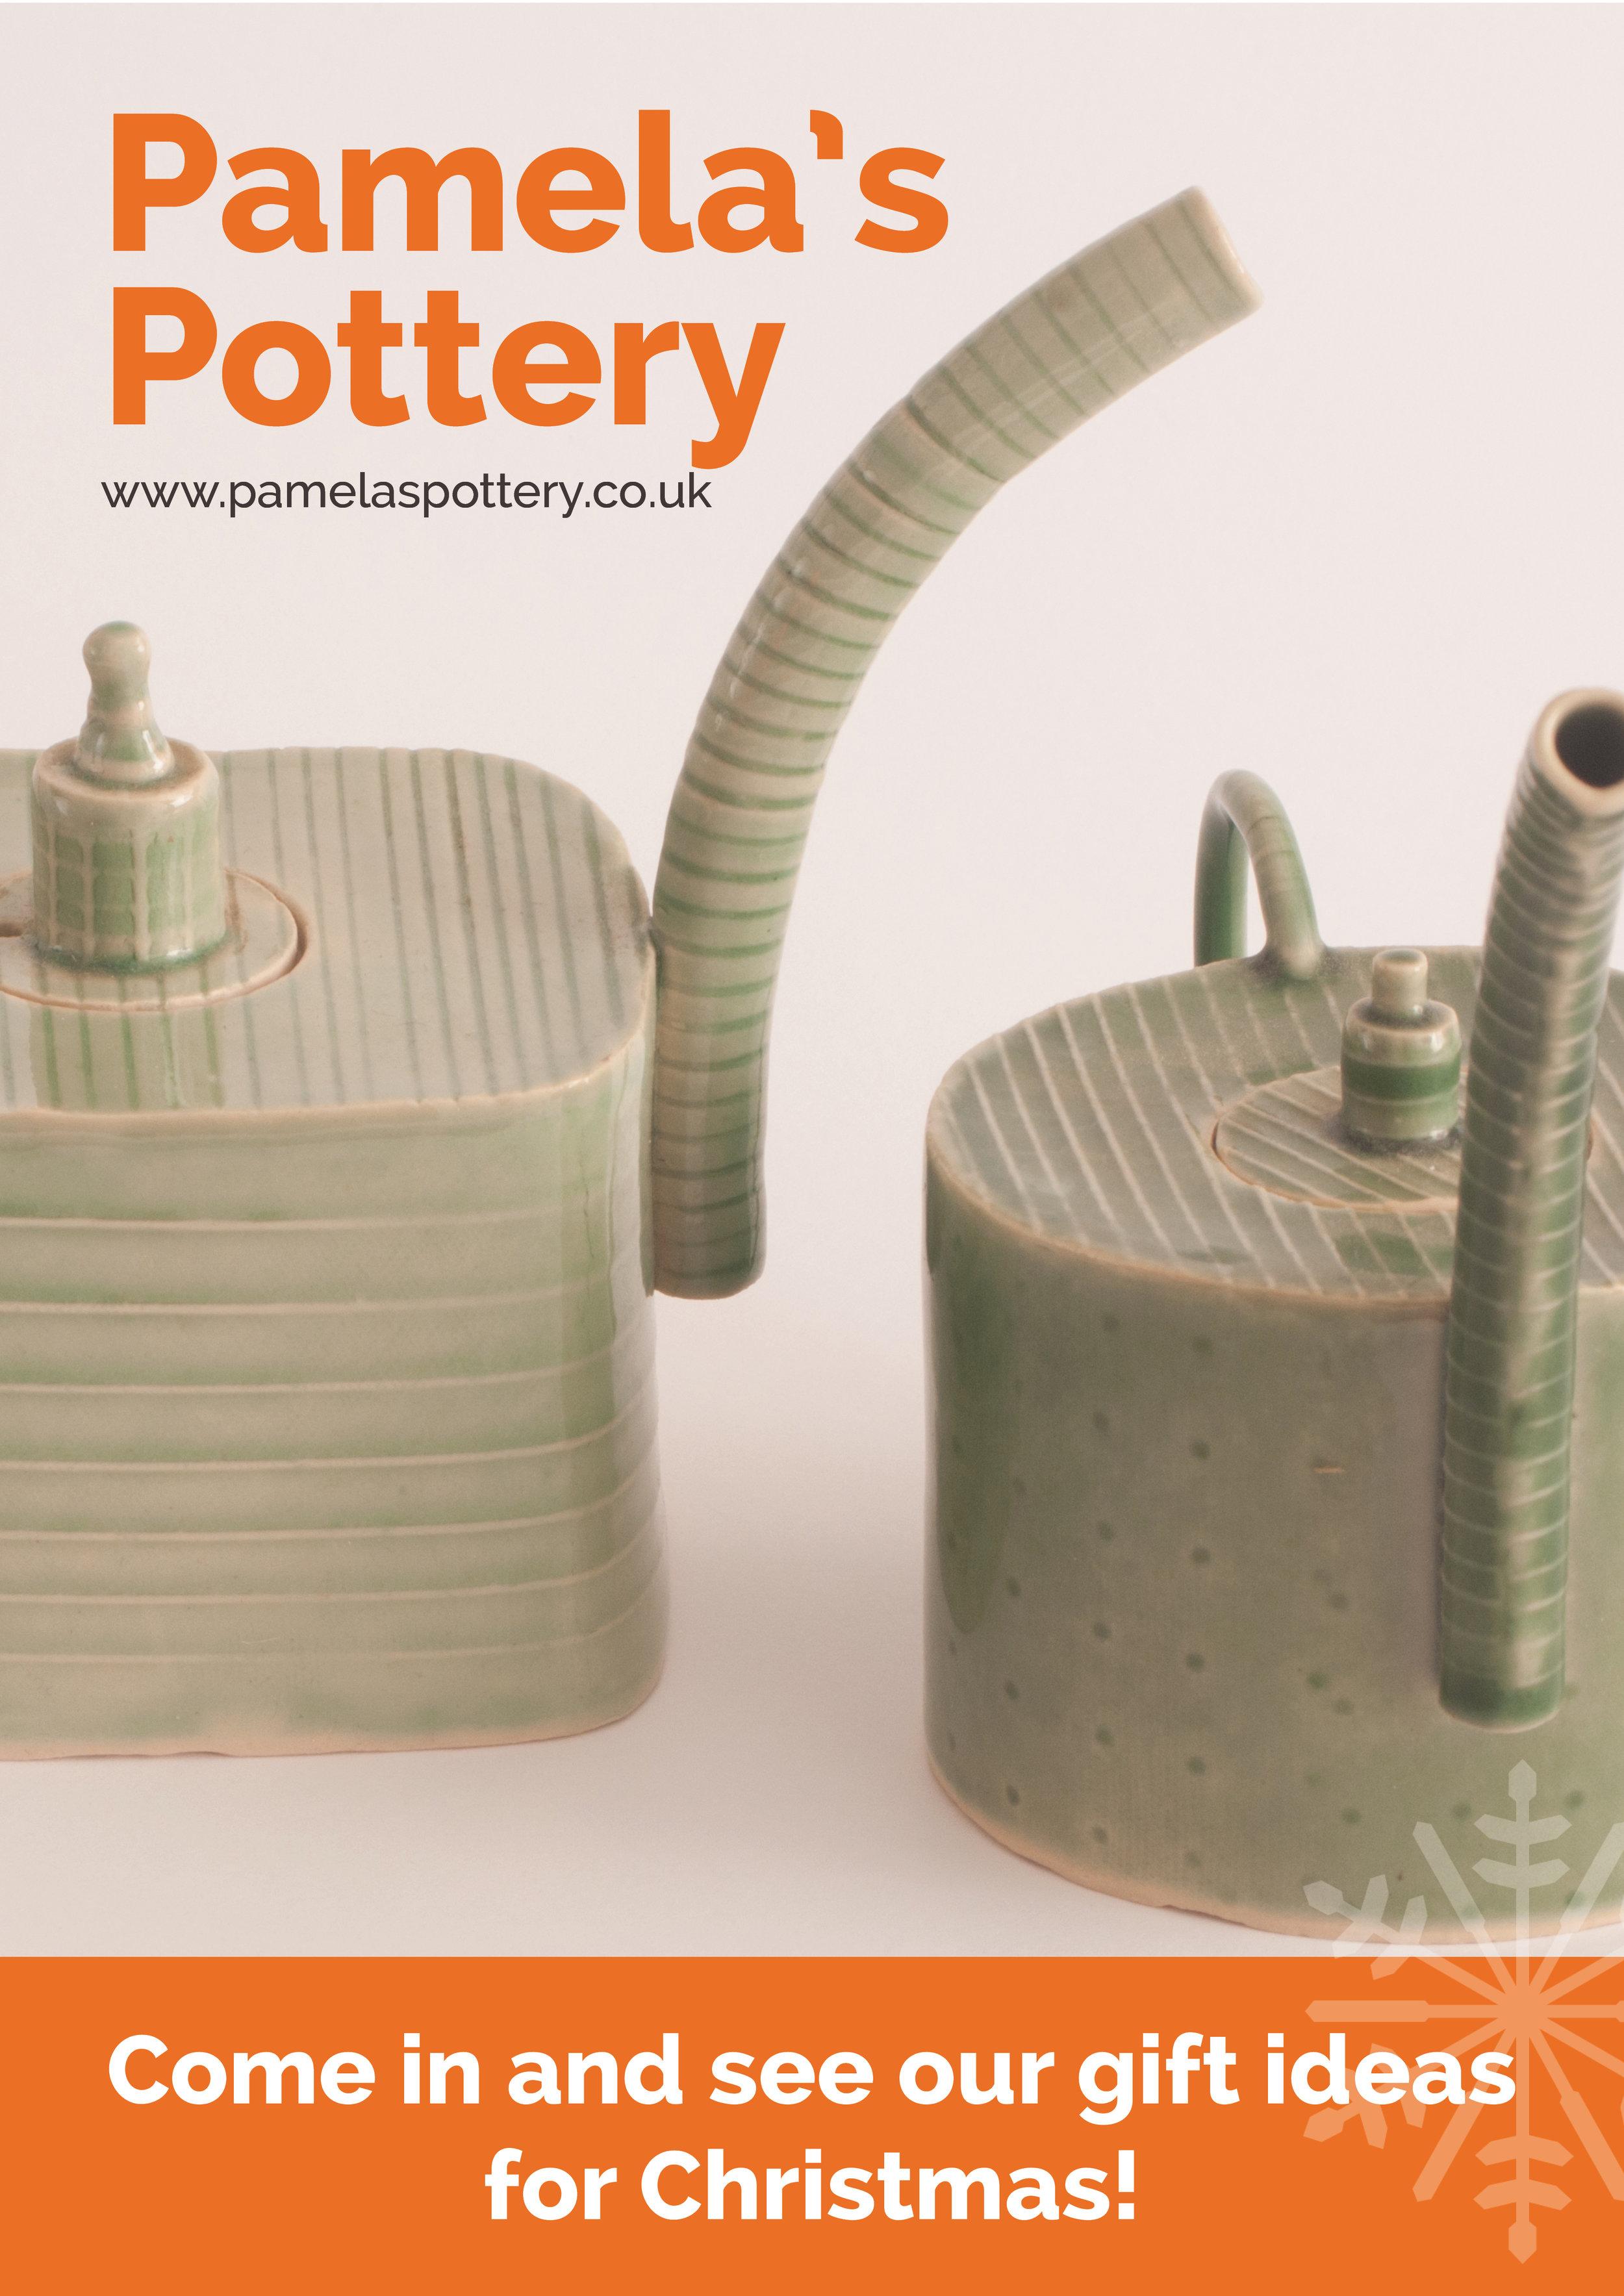 Pamela's pottery leaflet